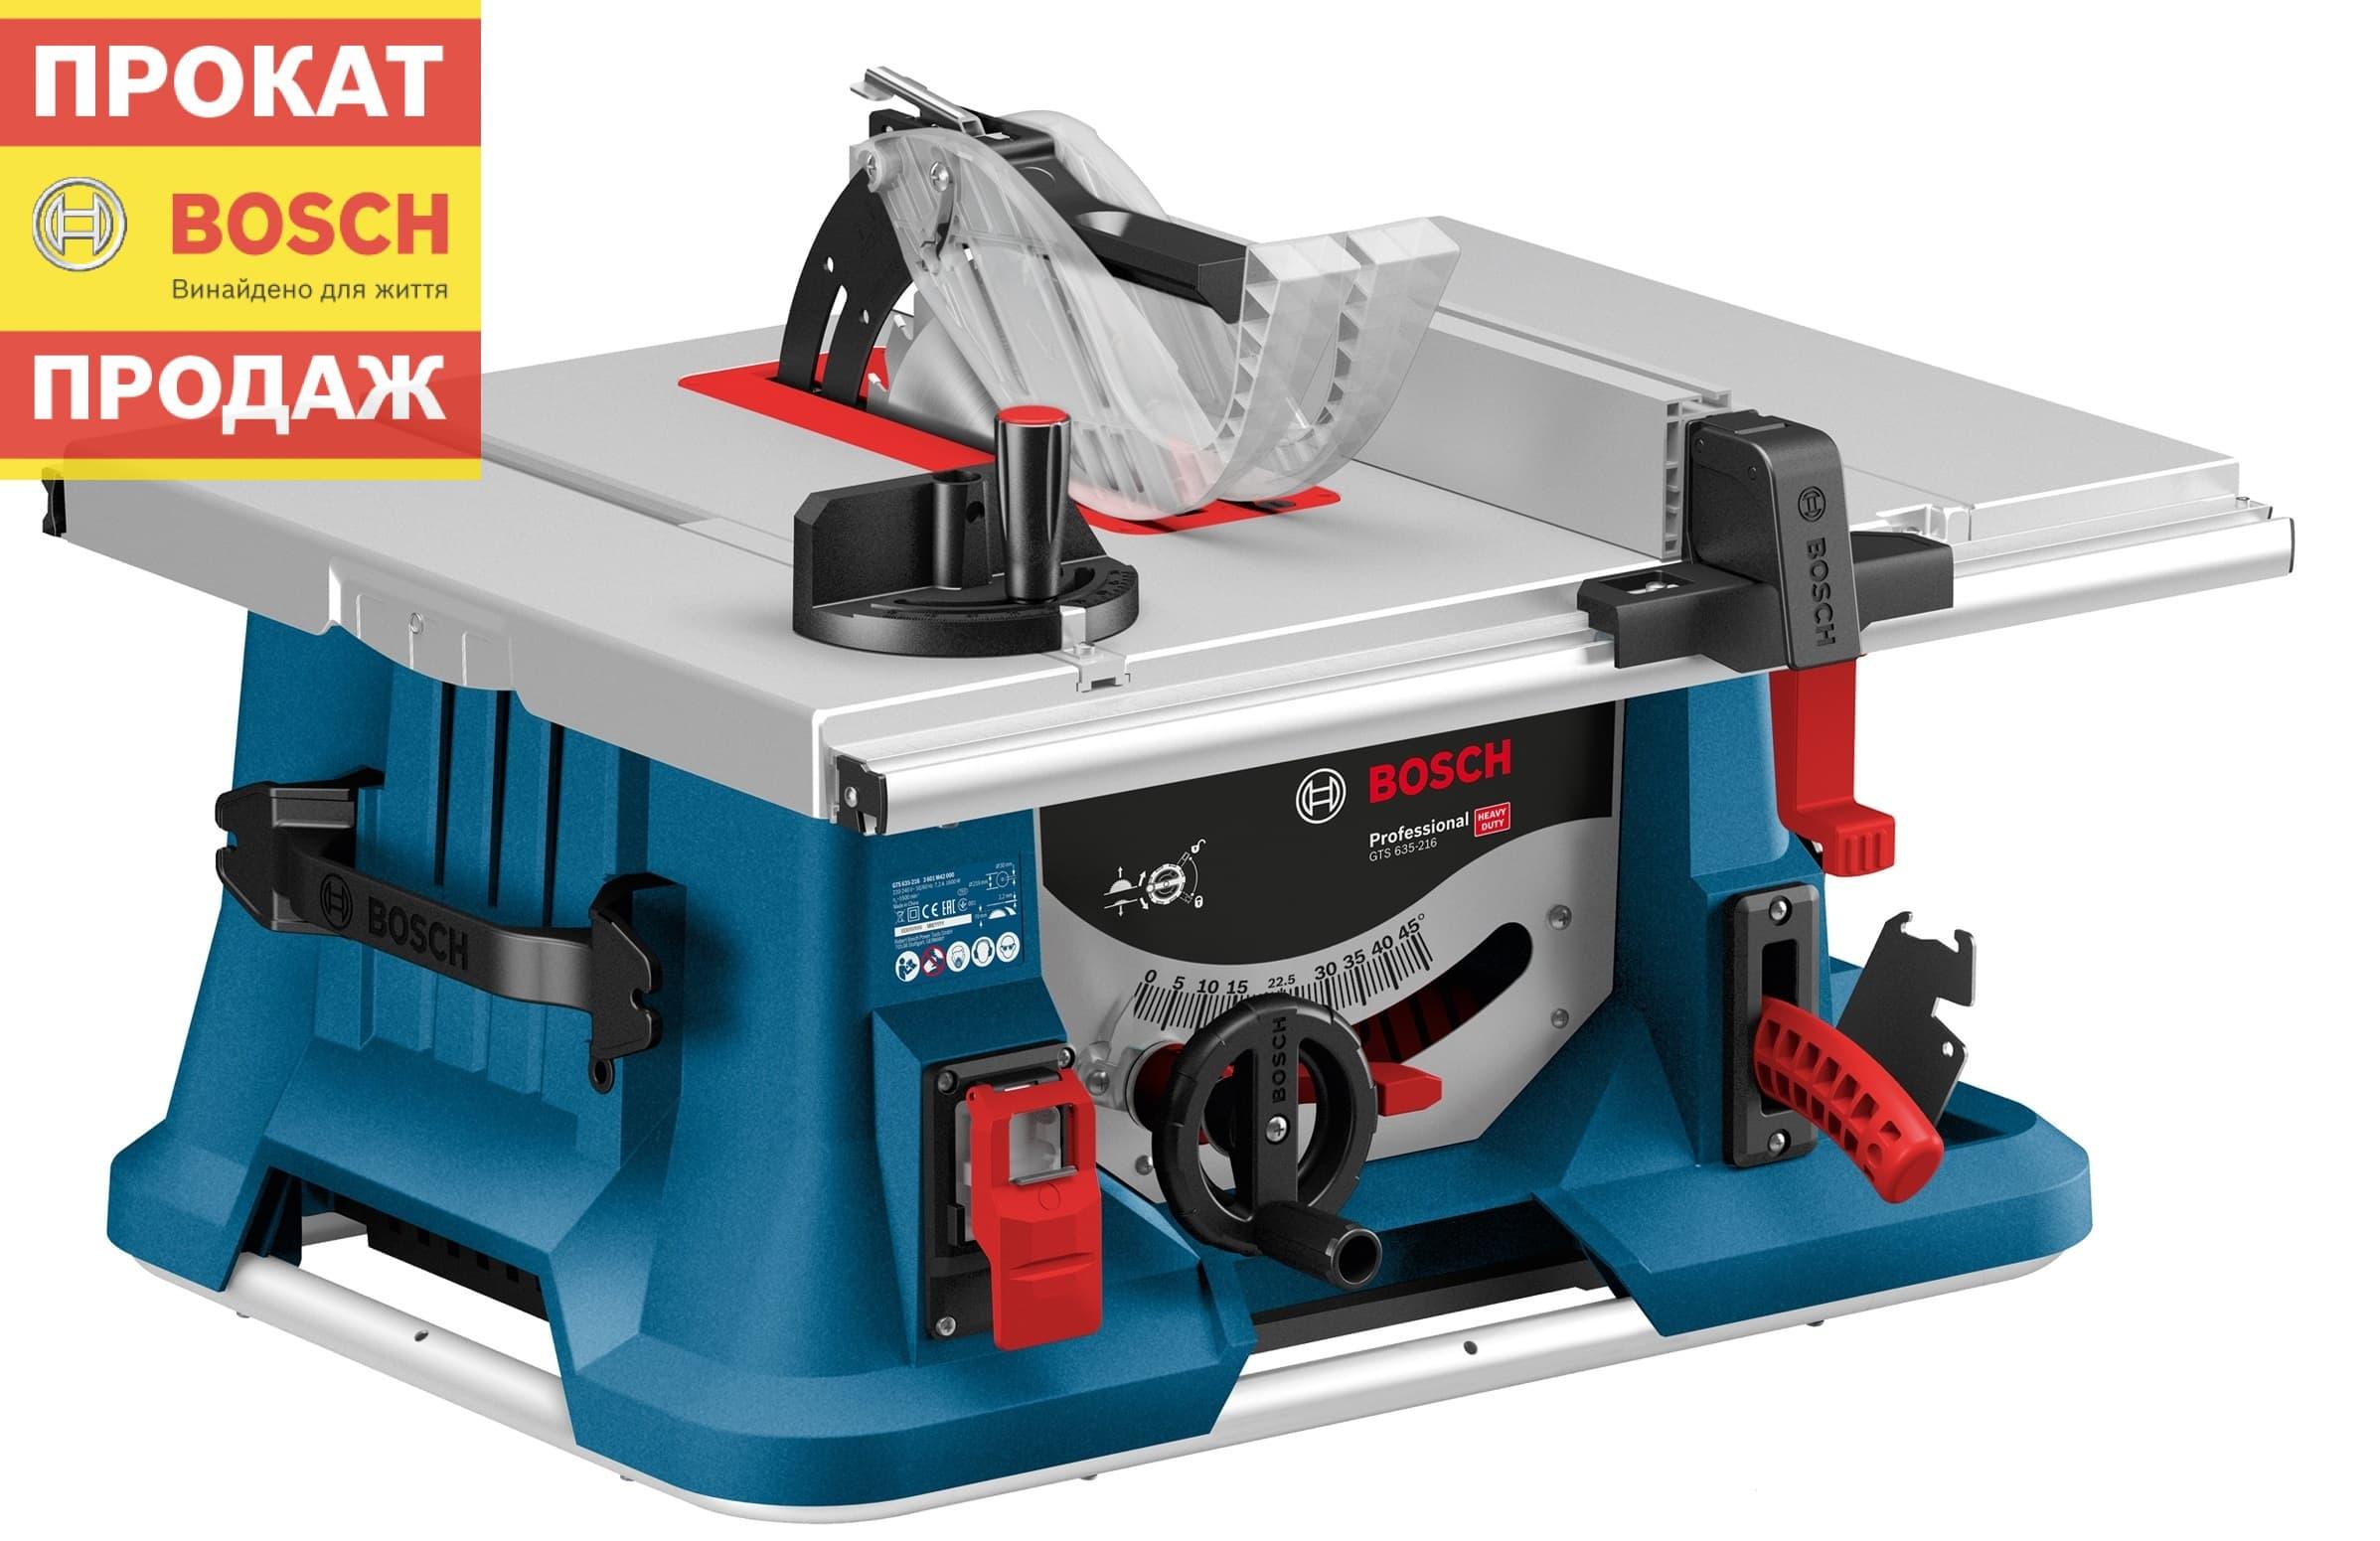 Bosch-GTS 635-216